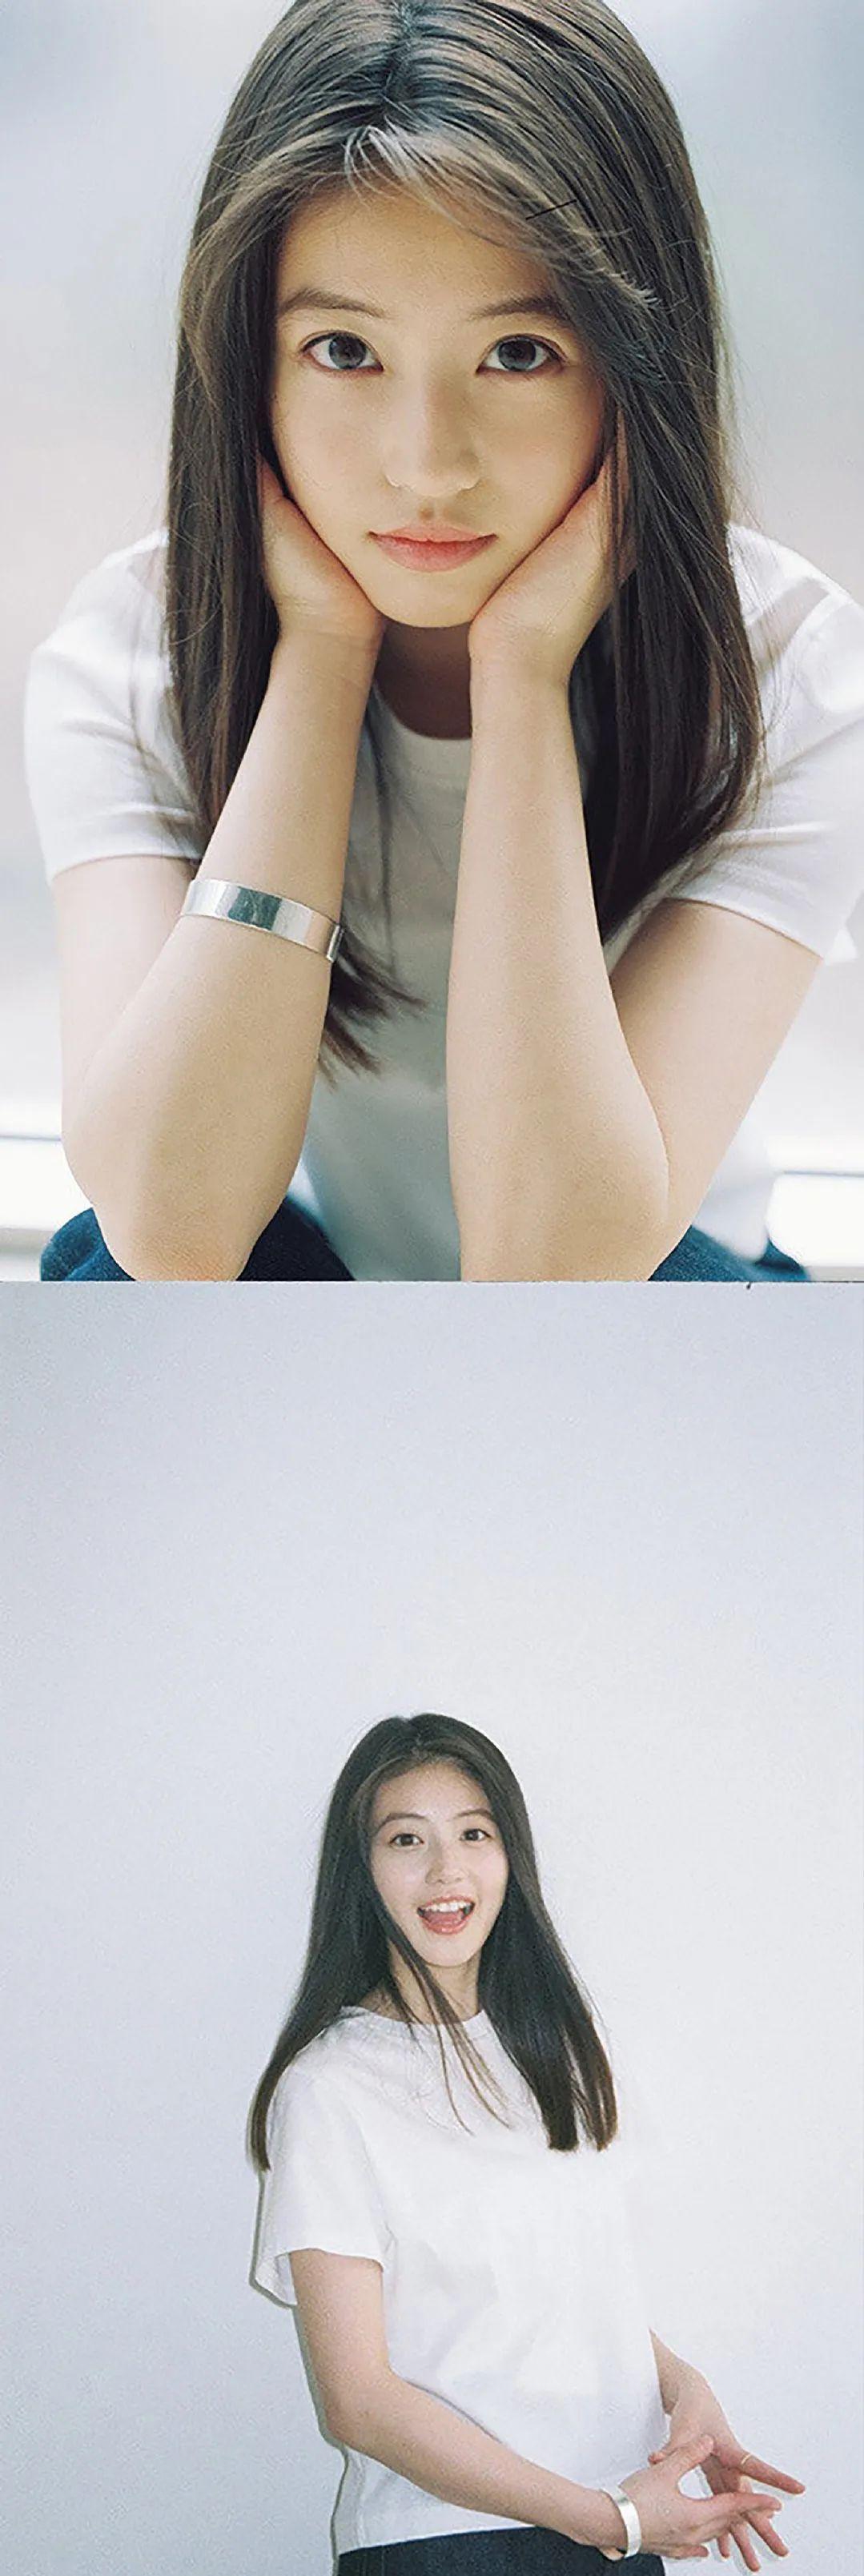 福冈第一美少女 今田美樱 写真_图片 No.10